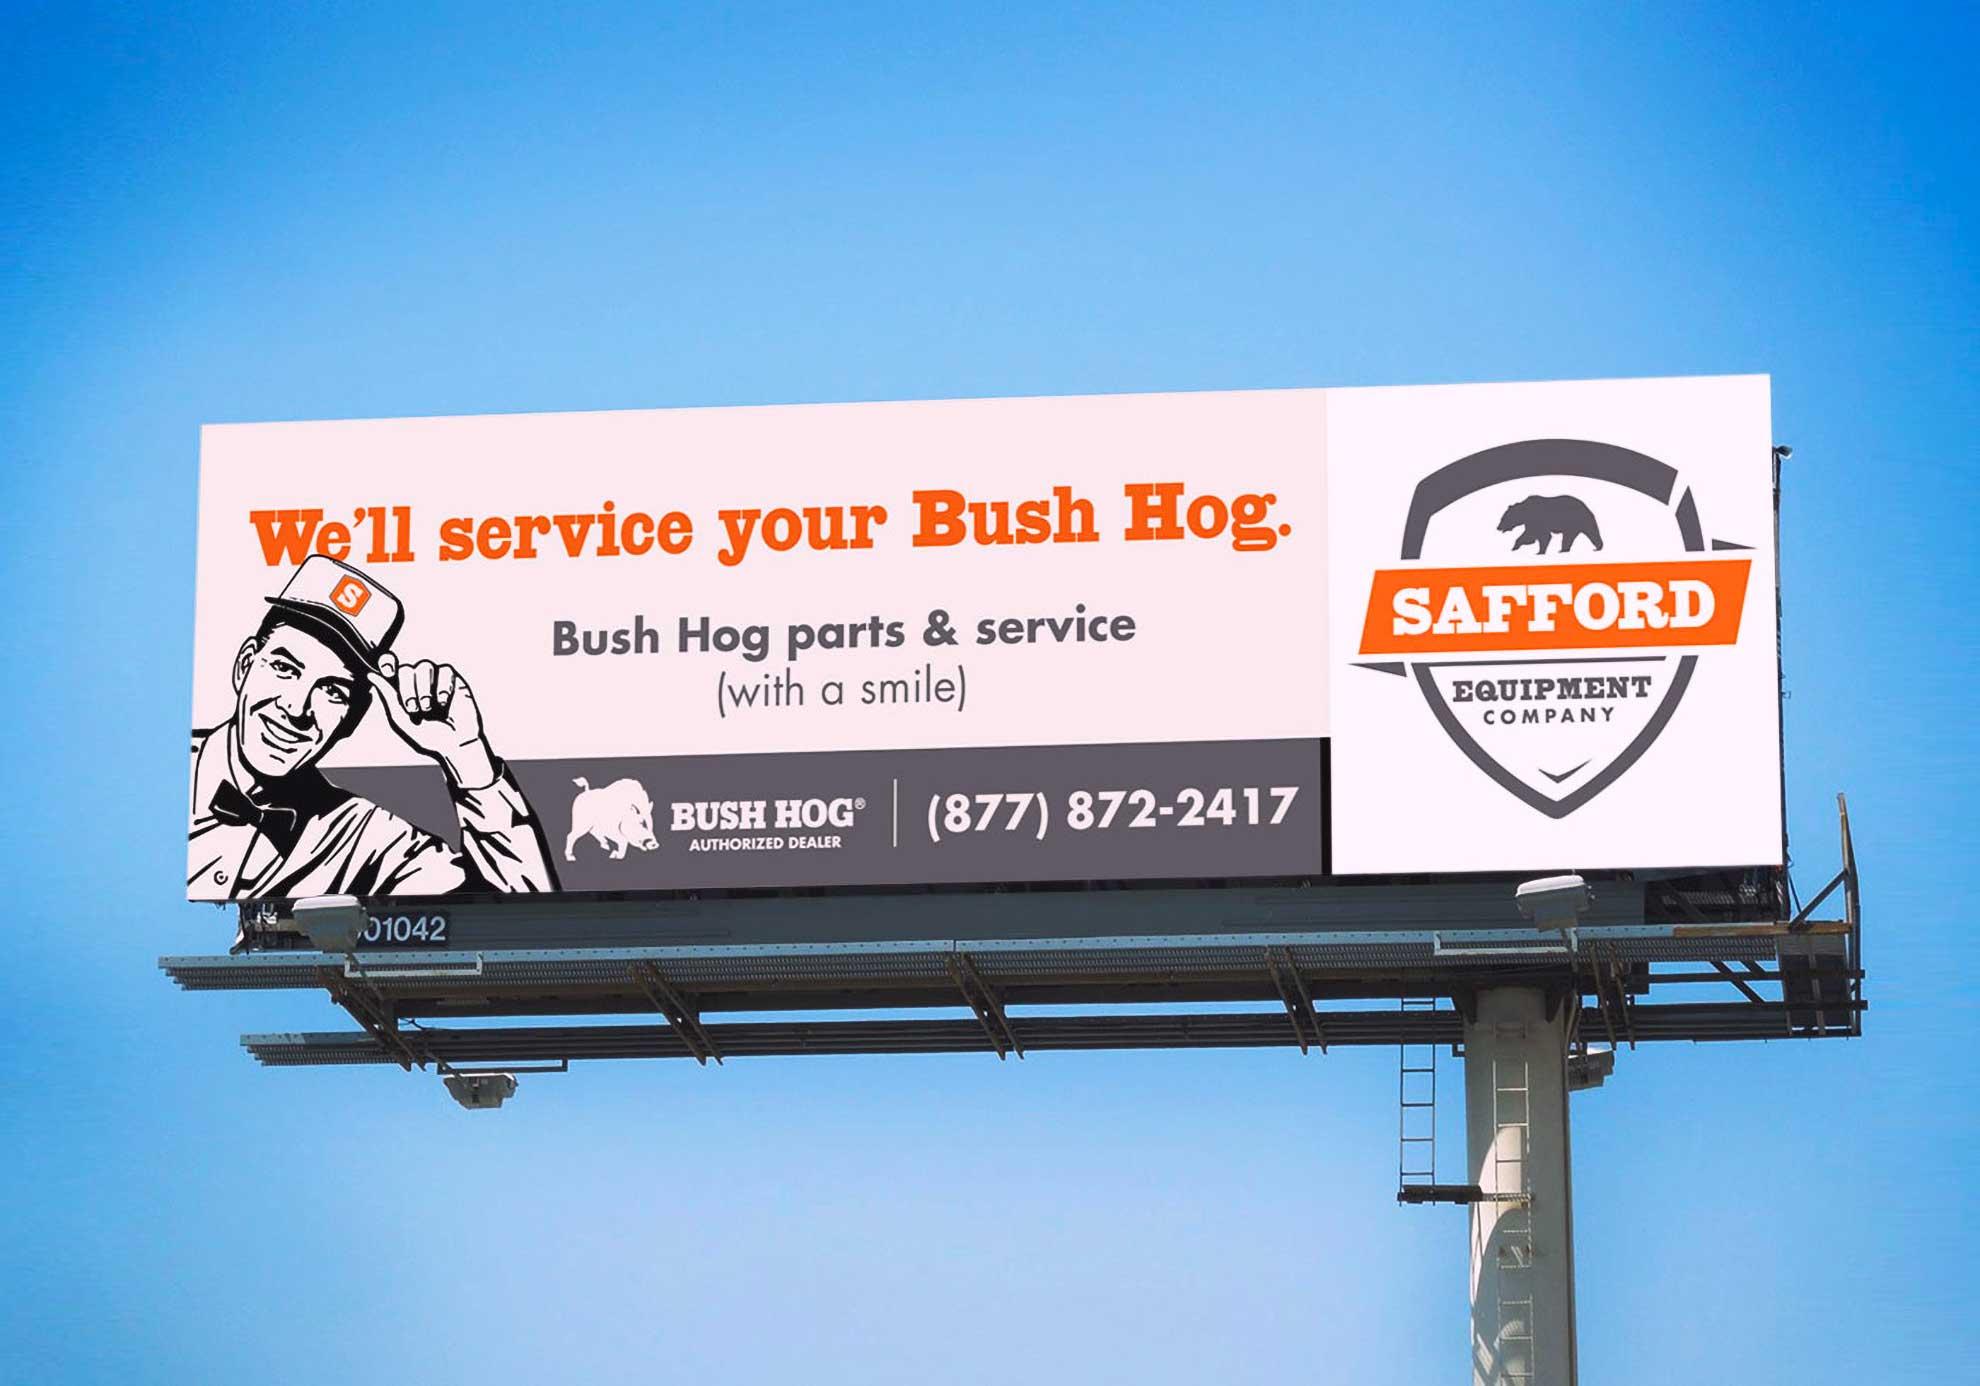 Safford Equipment billboard